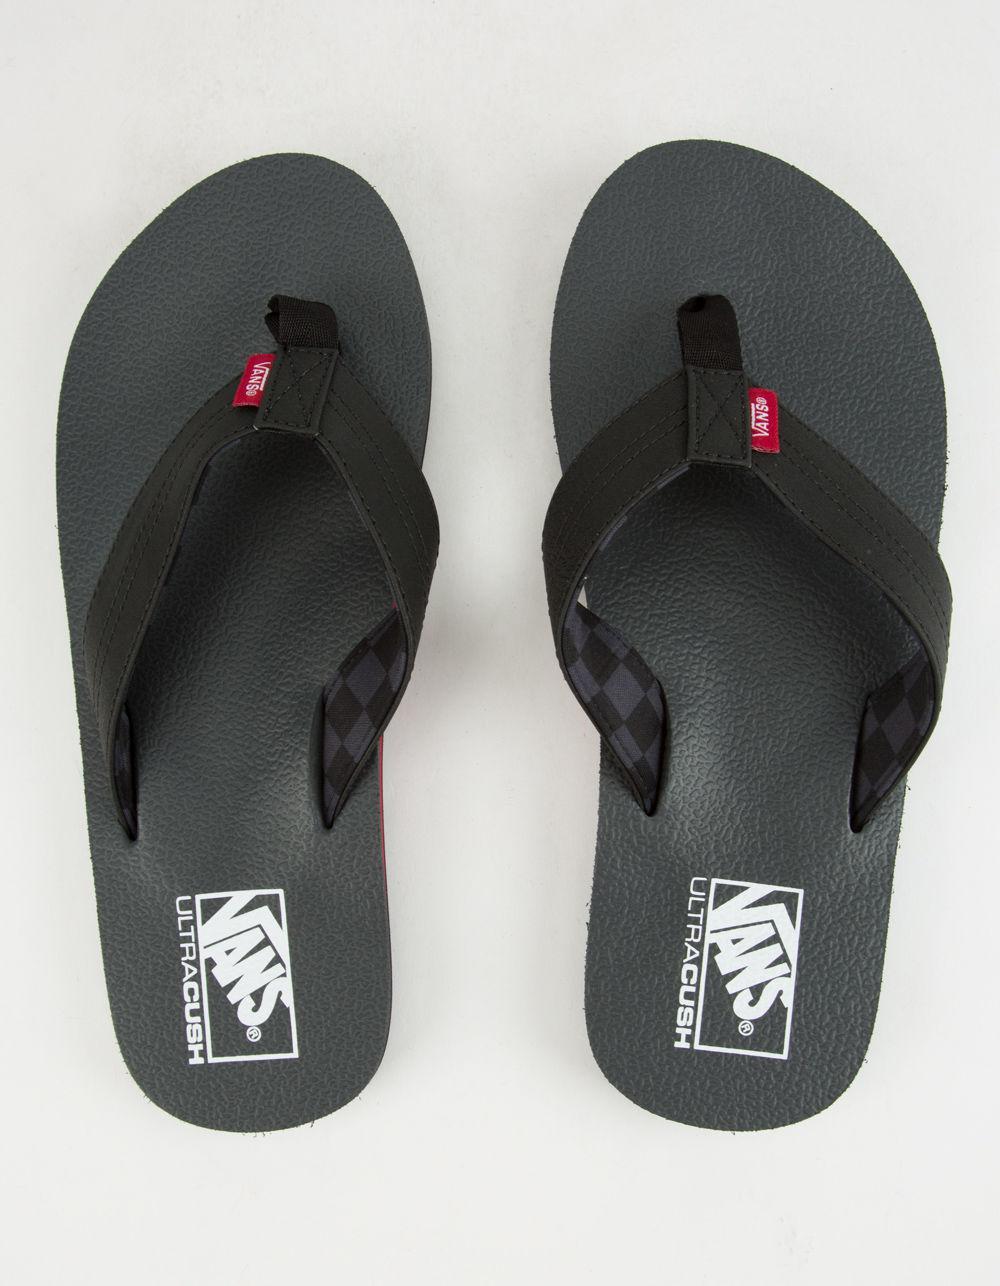 255e7d0b59 Lyst - Vans Nexpa Lite Black Mens Sandals in Black for Men